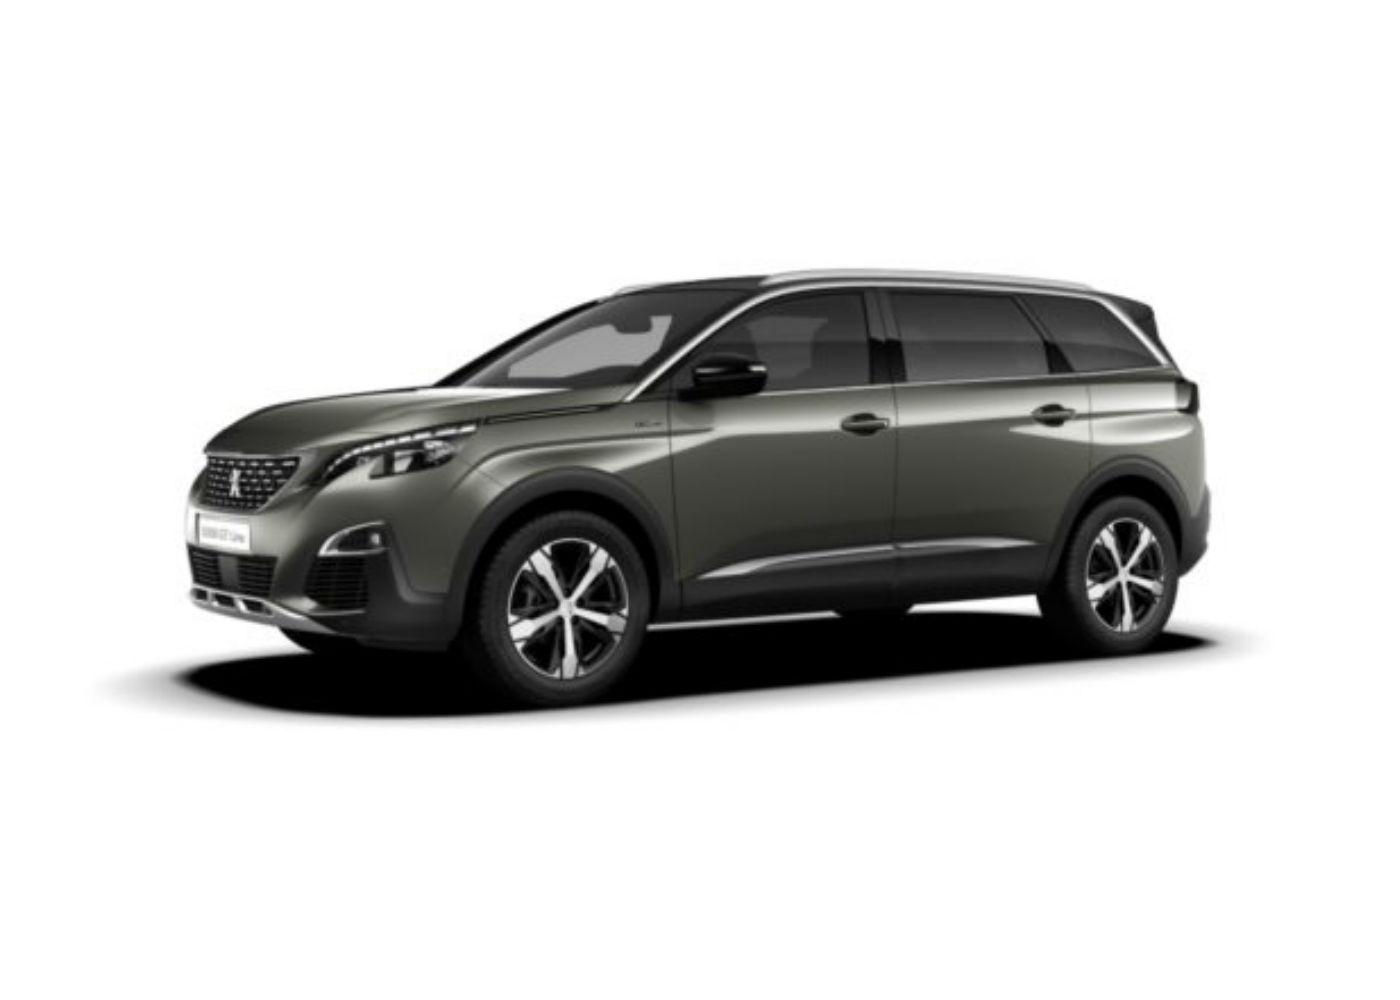 F 150 2018 Black >> Peugeot 5008 BlueHDi 150 S&S GT Line Grigio Amazonite nuova a soli 37244€ su MiaCar (AY74I)